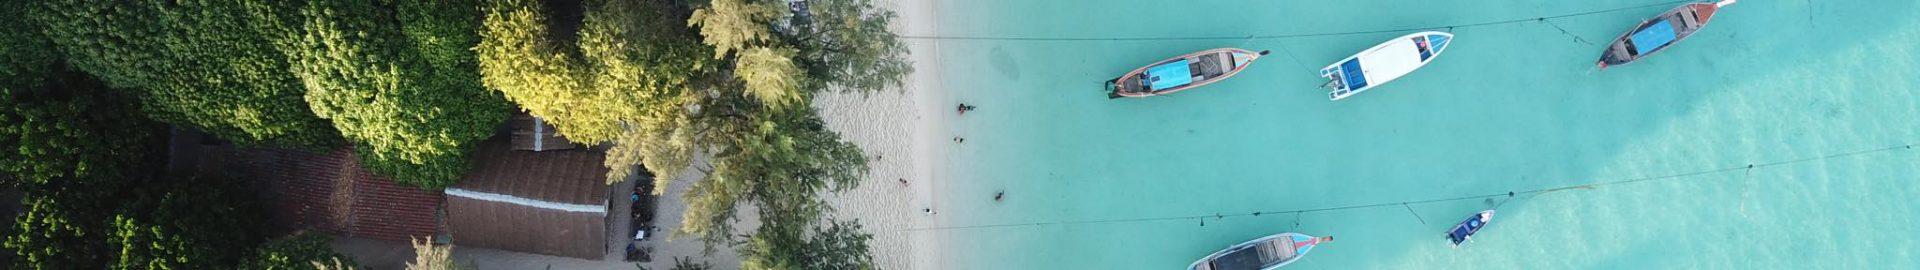 100 วัน ติดเกาะหลีเป๊ะช่วงโควิด เกาะที่อยากติดไปตลอดชีวิต